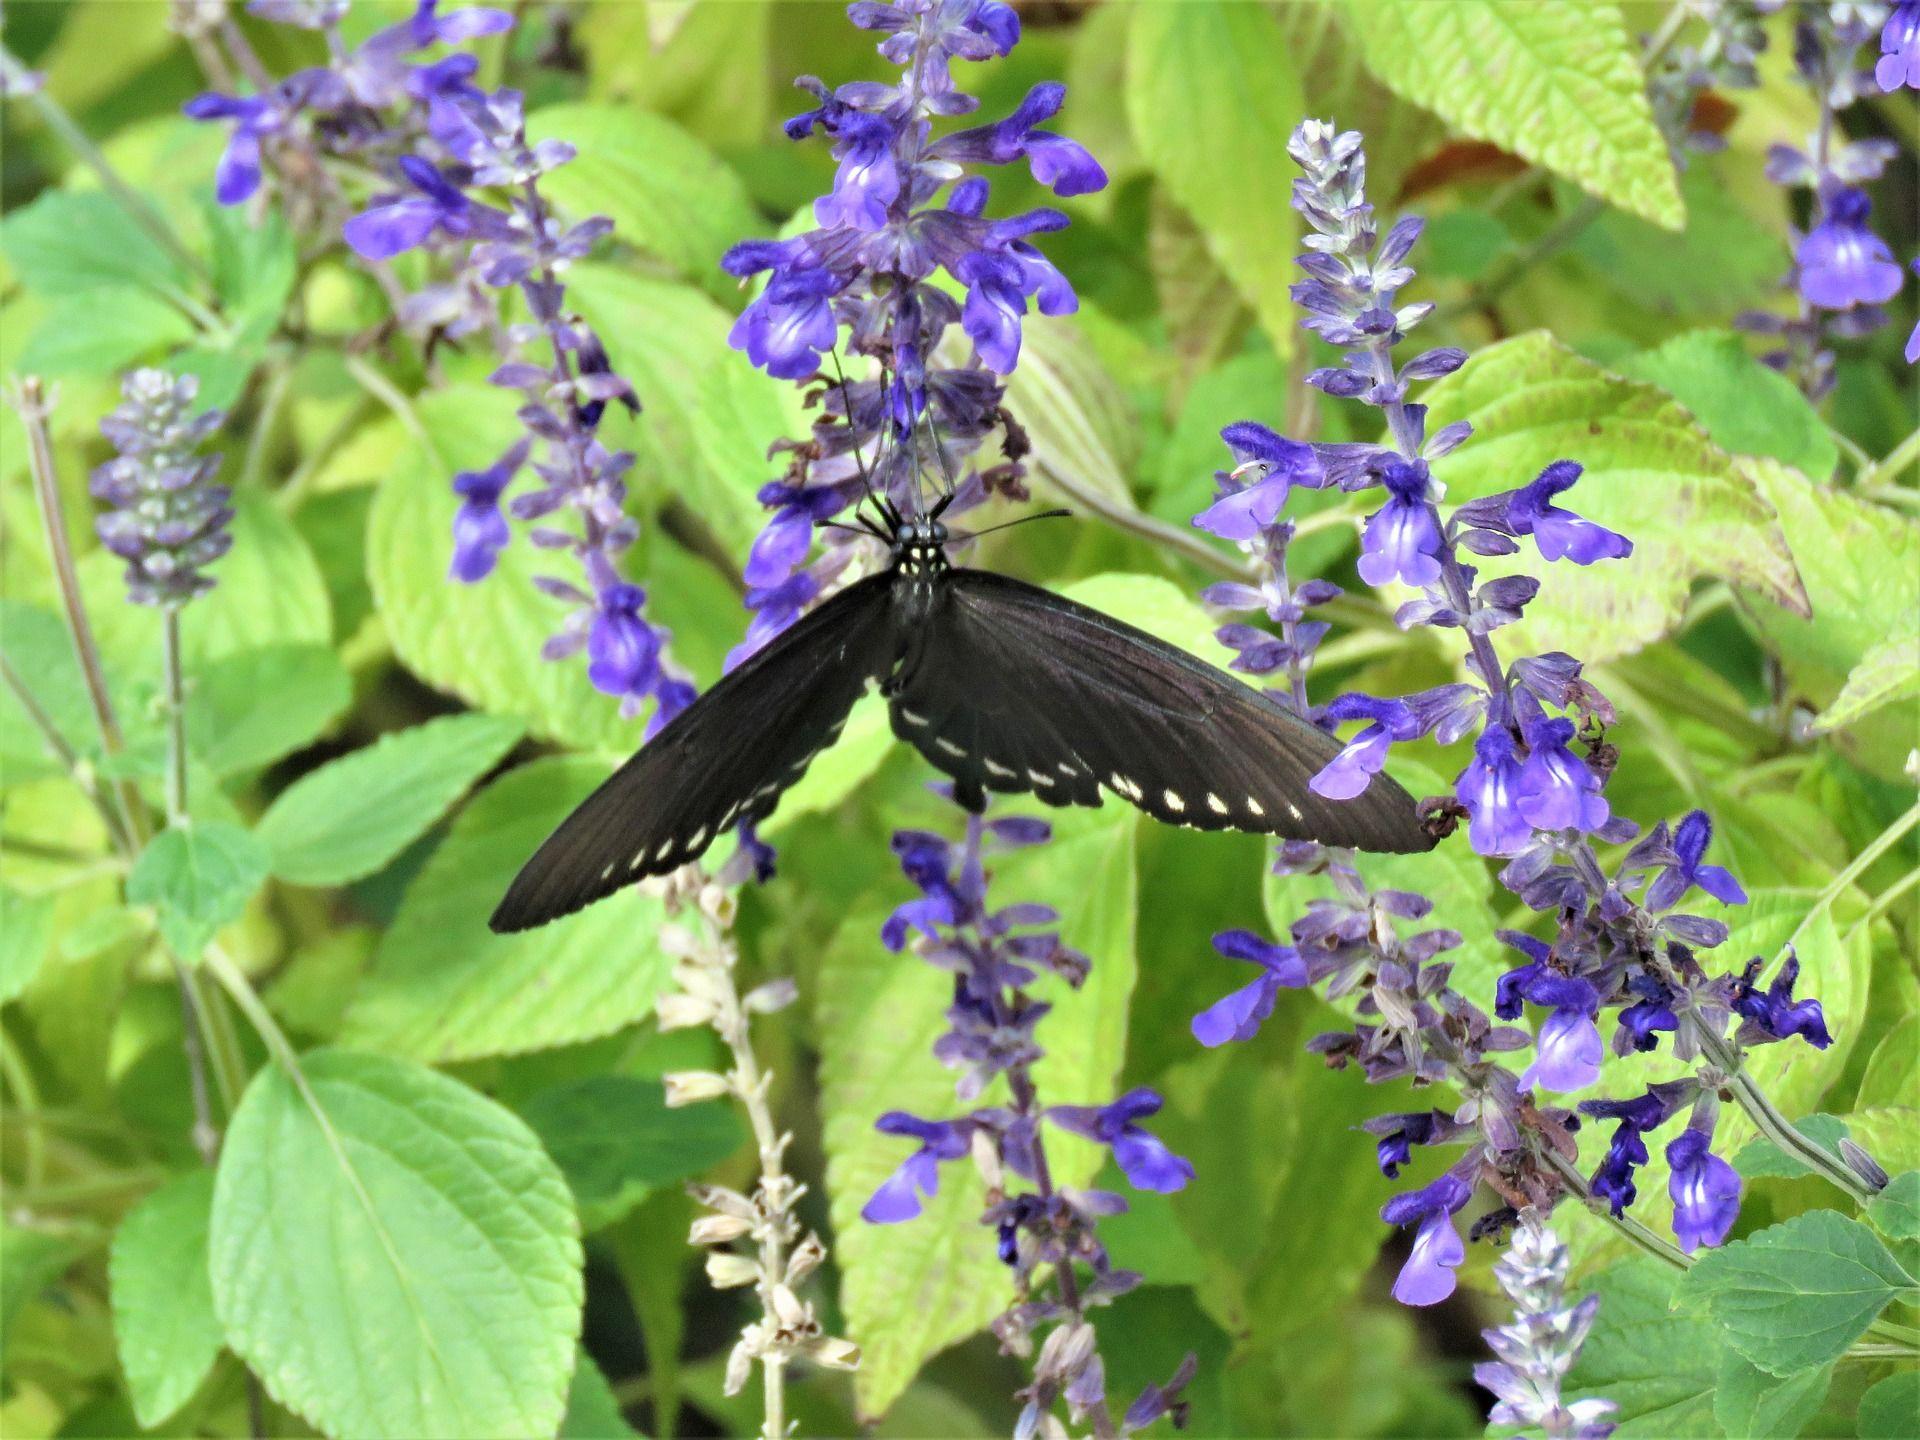 Скачать онлайн фото черно-красной бабочки